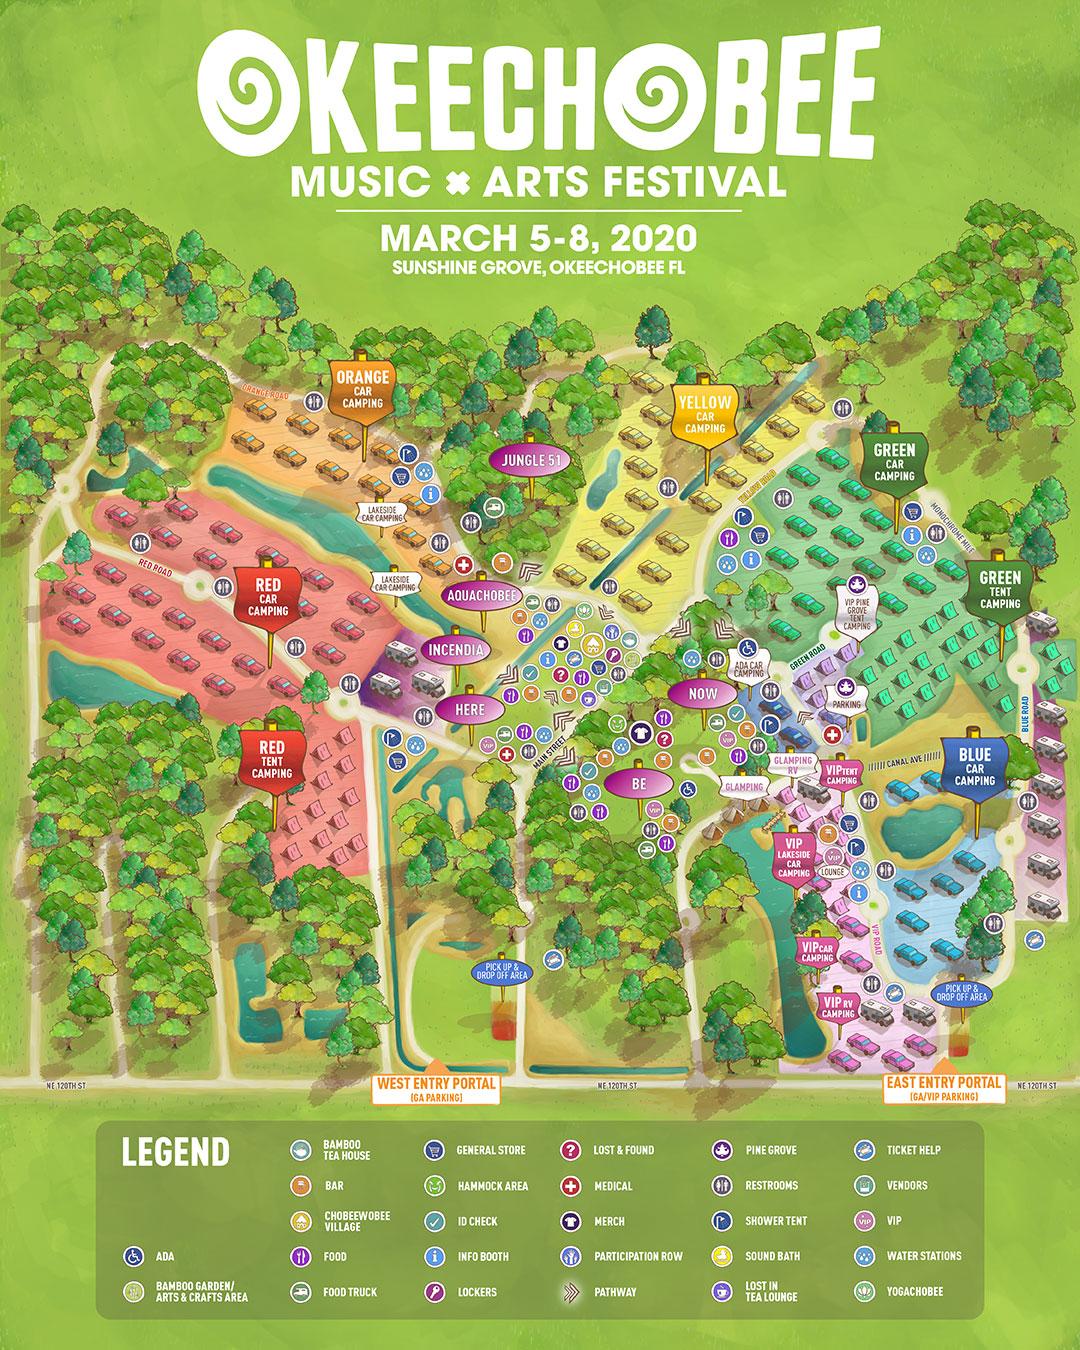 Okeechobee 2020 Festival Map